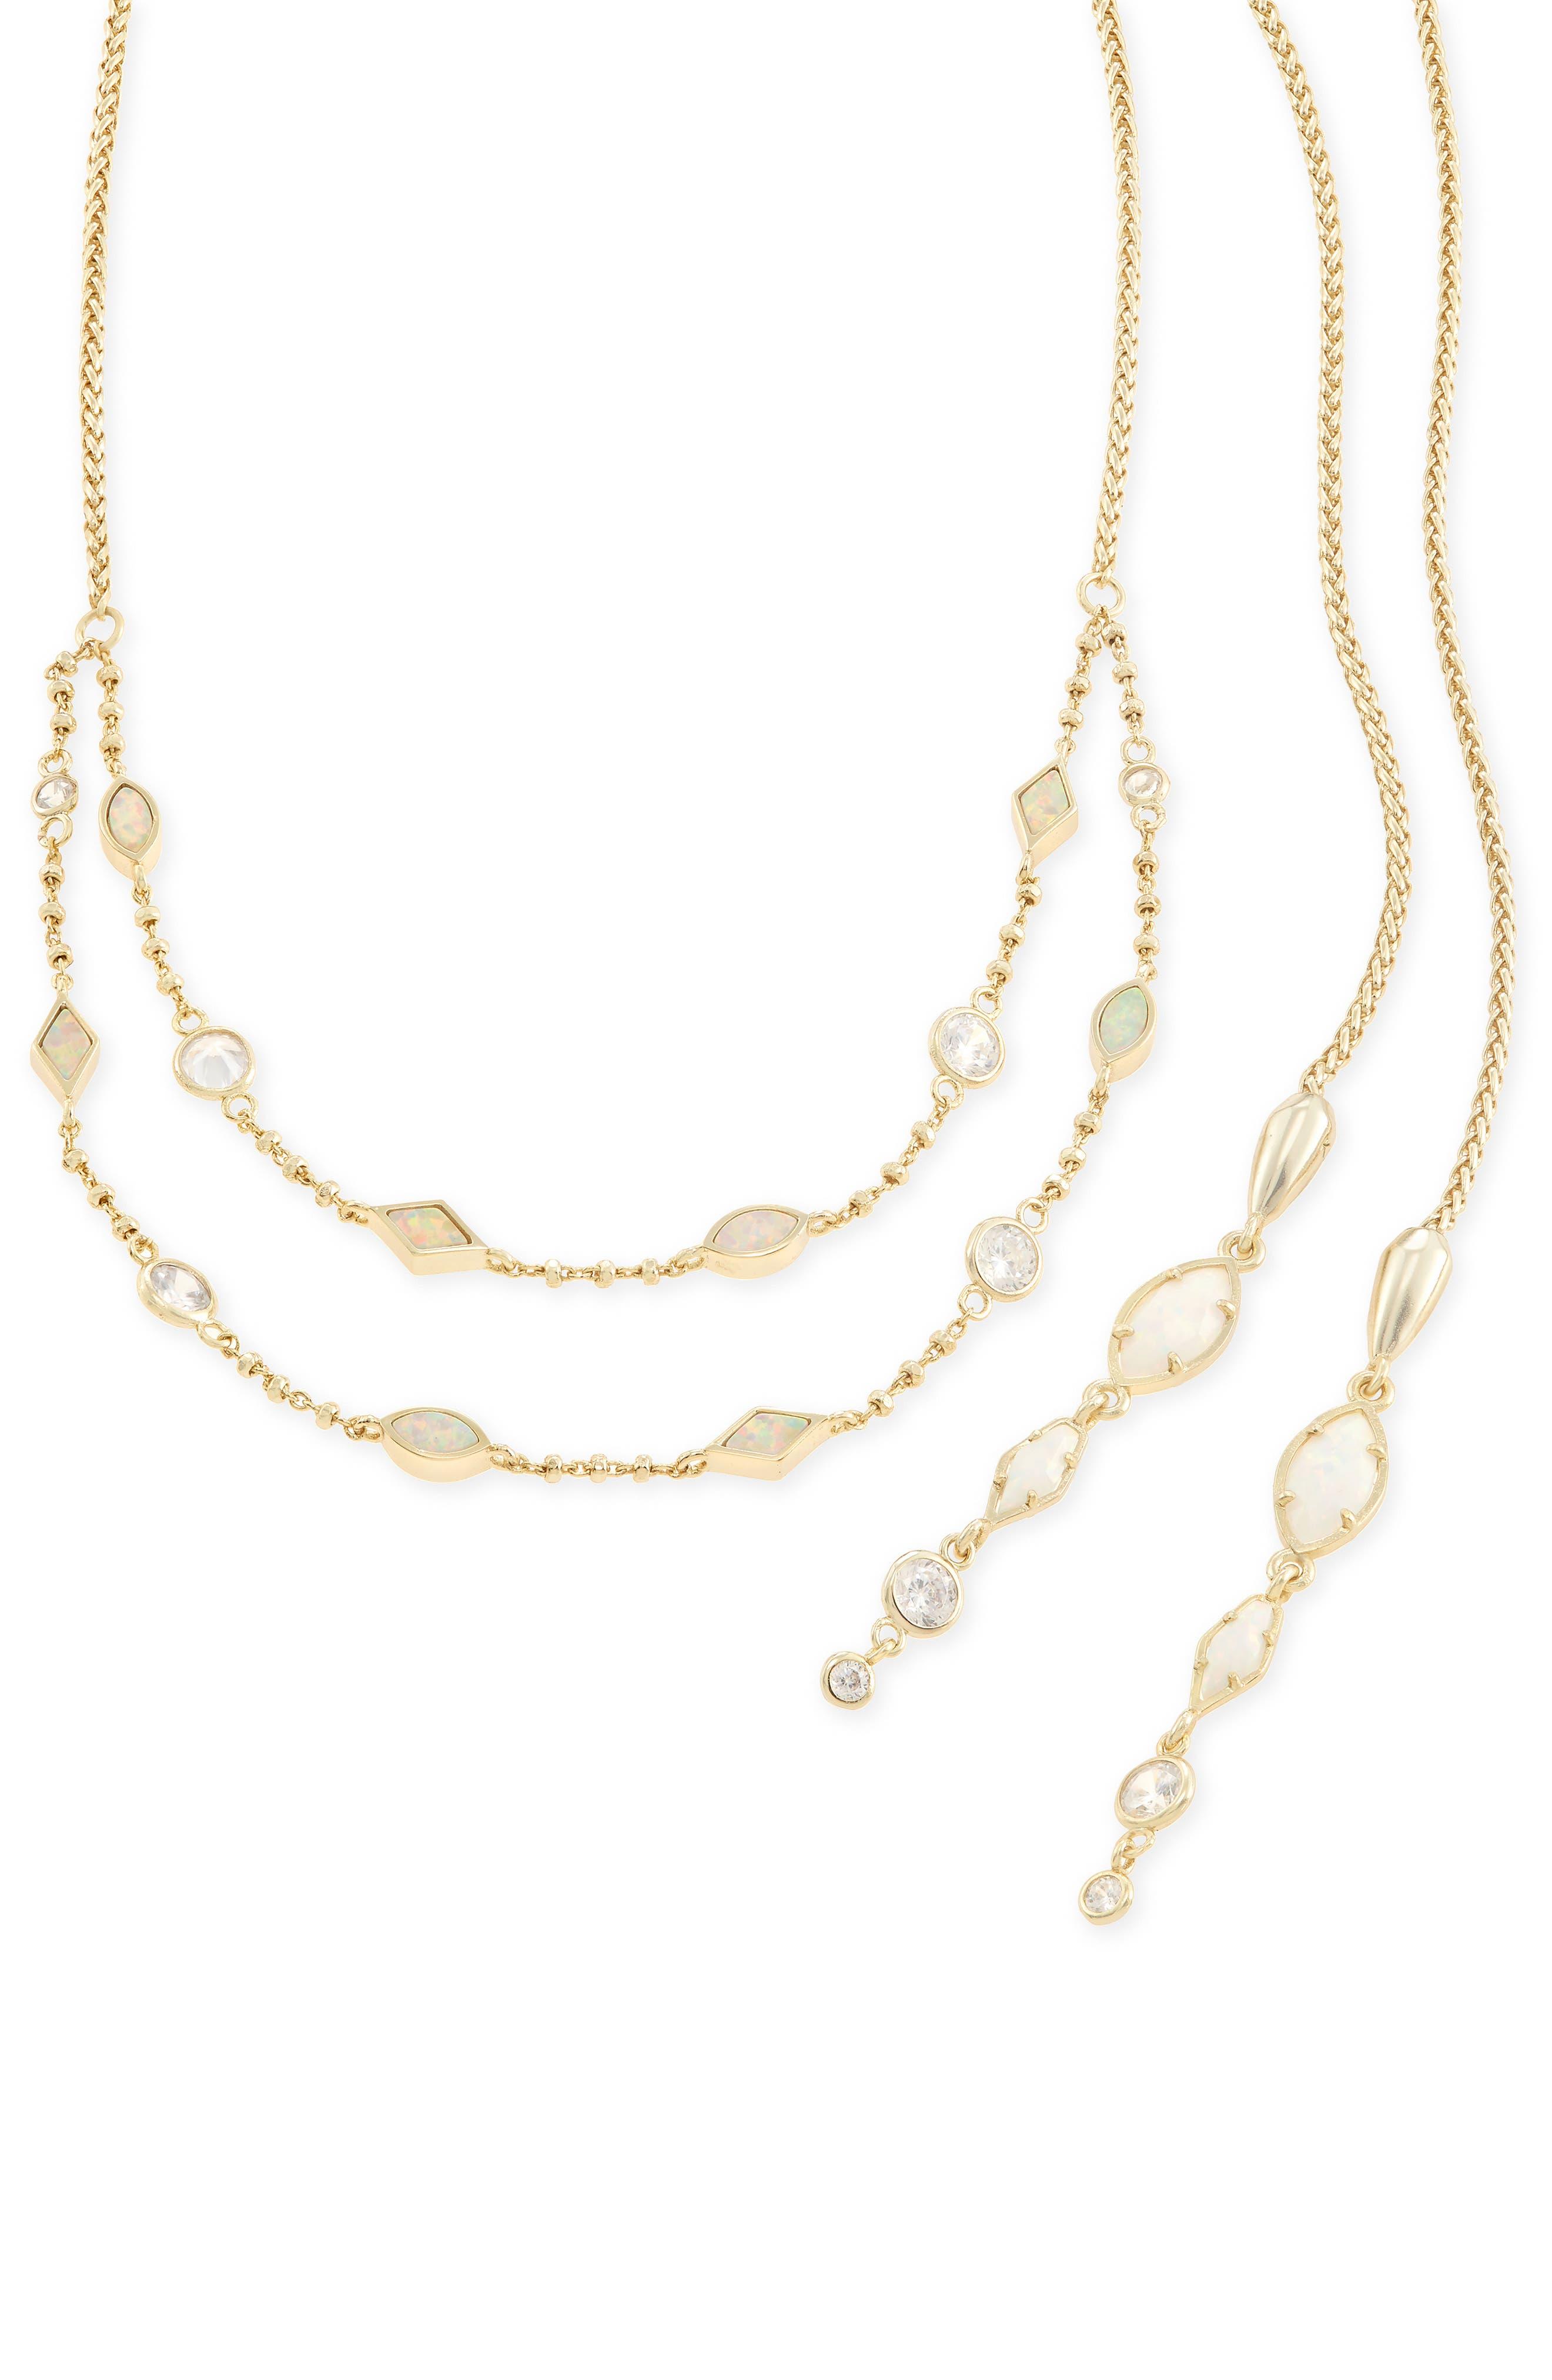 Emelina Wrap Necklace,                             Alternate thumbnail 6, color,                             Ivory Zellige/ Gold